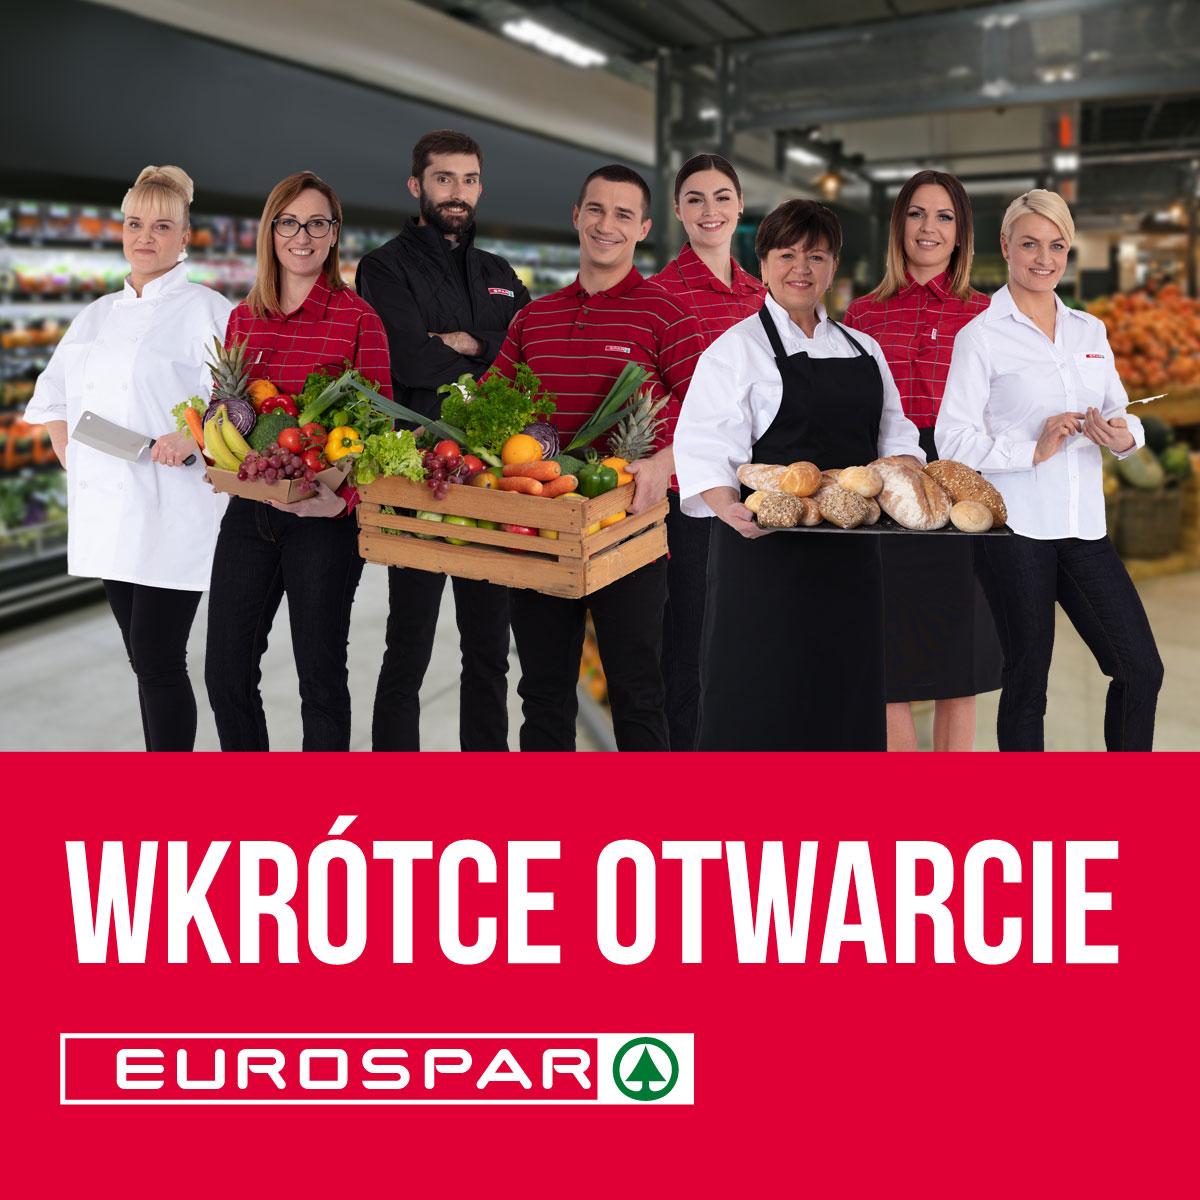 Wkrótce otwarcie EUROSPAR